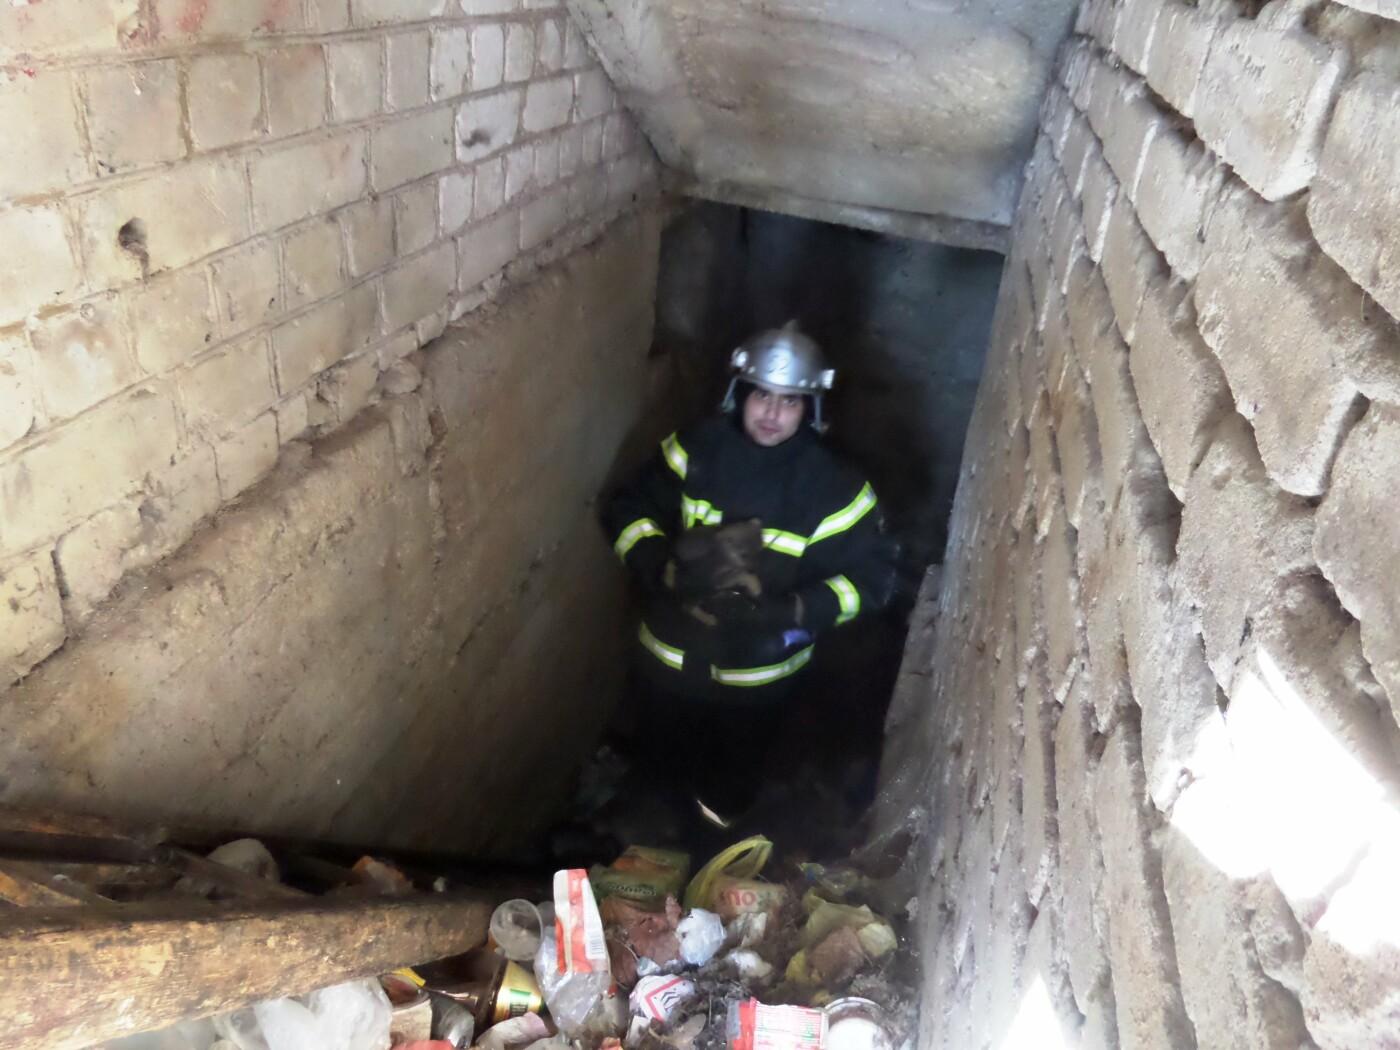 На Днепропетровщине спасатели достали застрявшего в подвале щенка, - ФОТО, фото-1